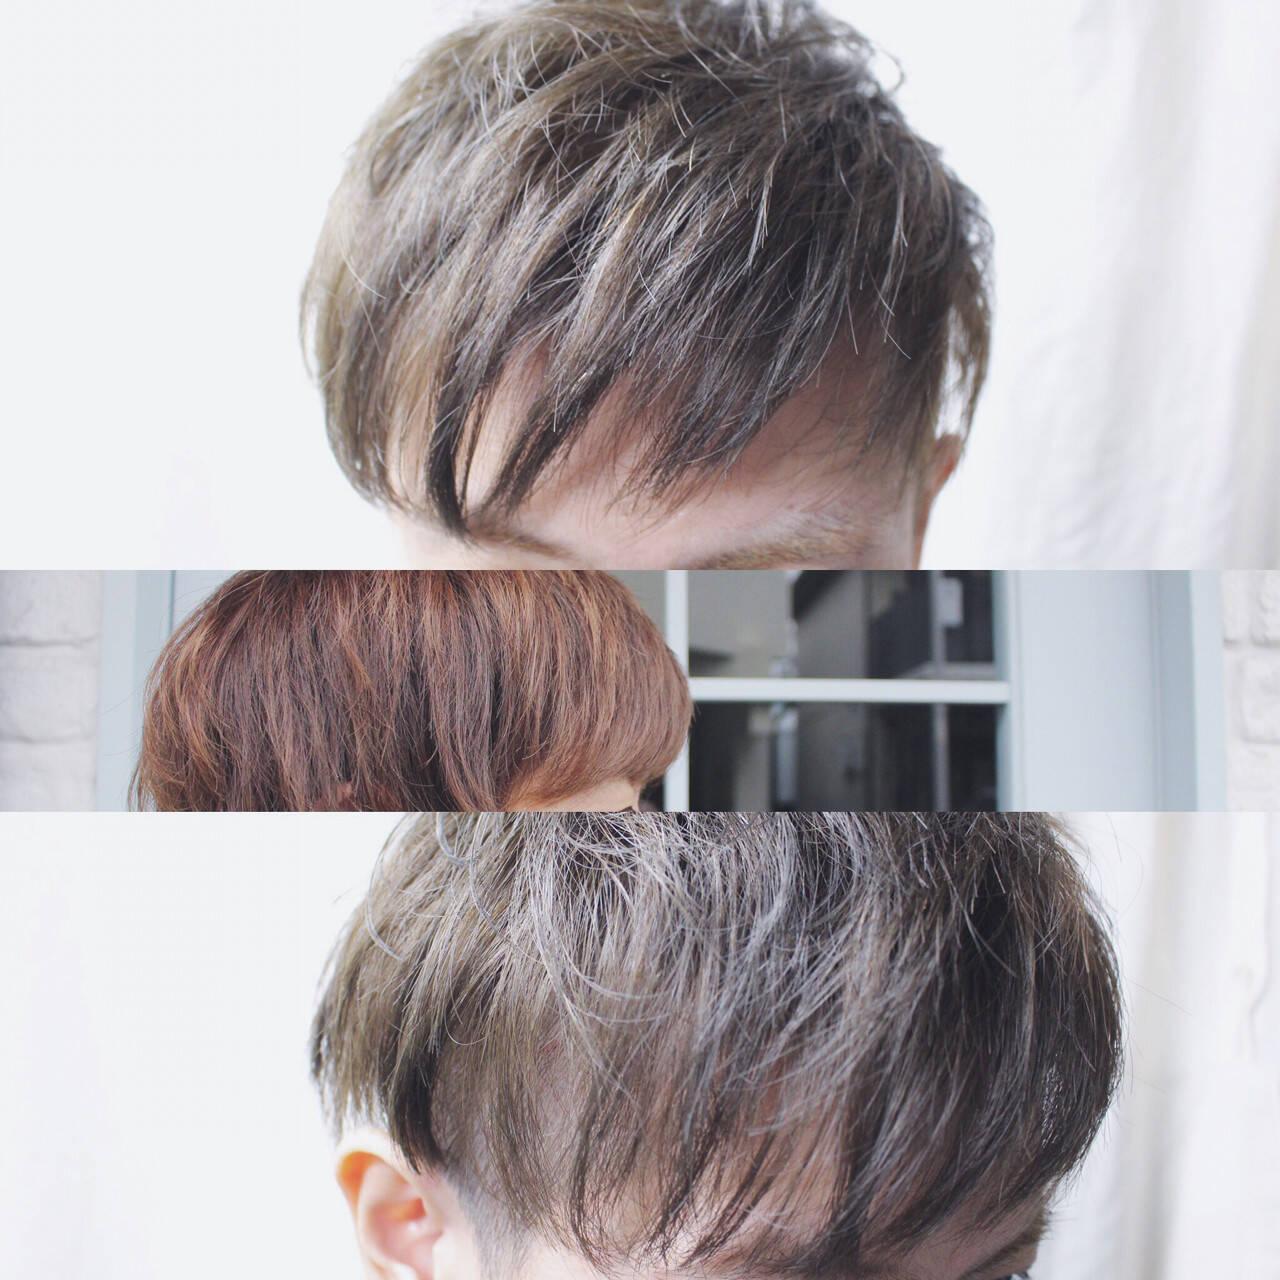 メンズ ストリート ボーイッシュ アッシュヘアスタイルや髪型の写真・画像